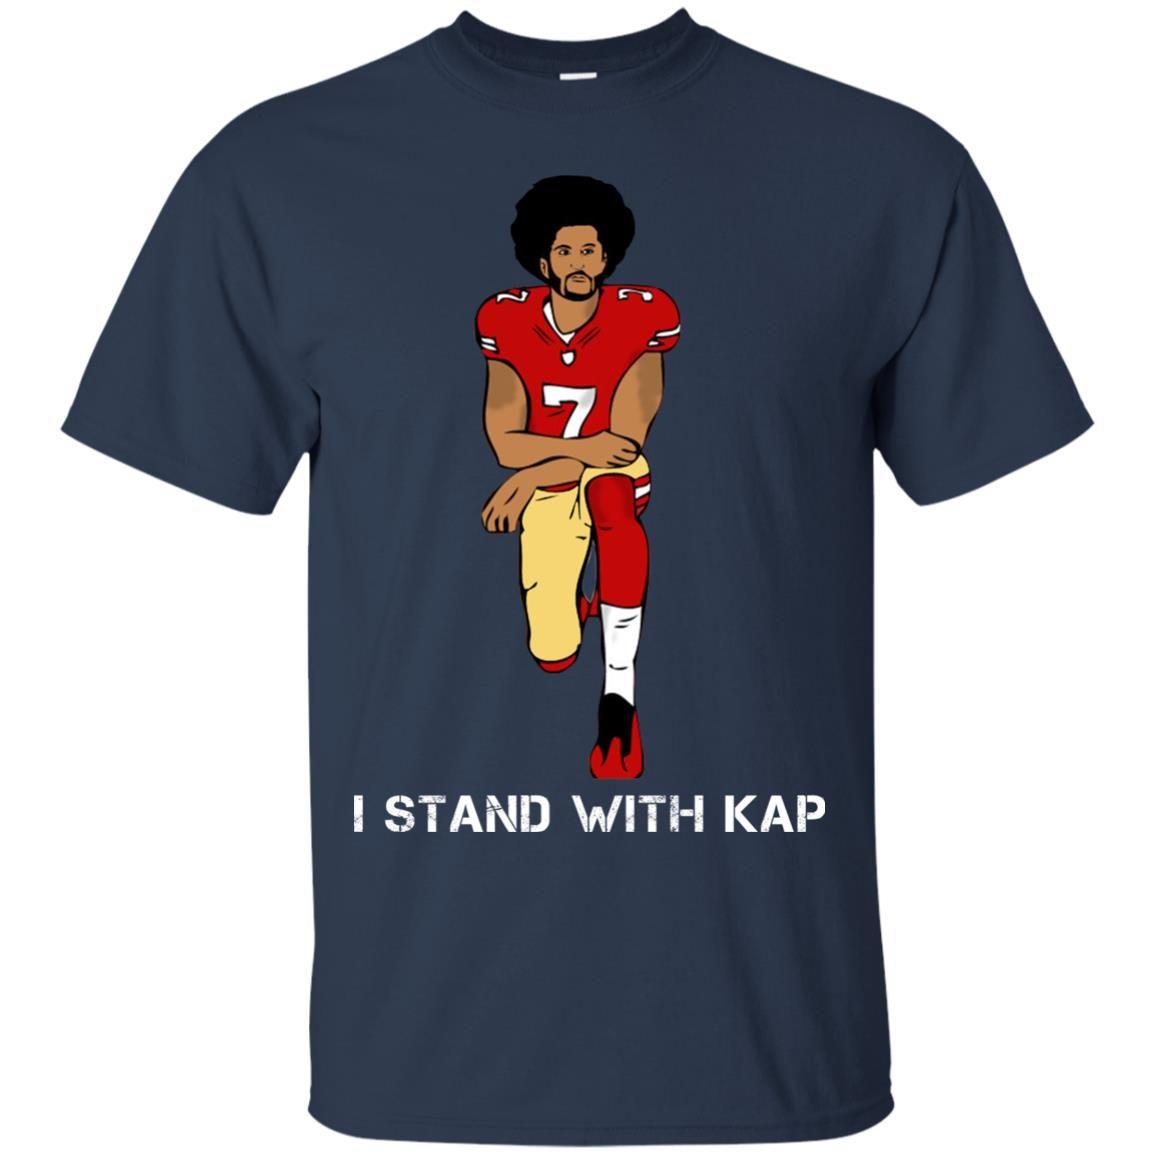 image 1934 - I stand with Kap shirt, hoodie